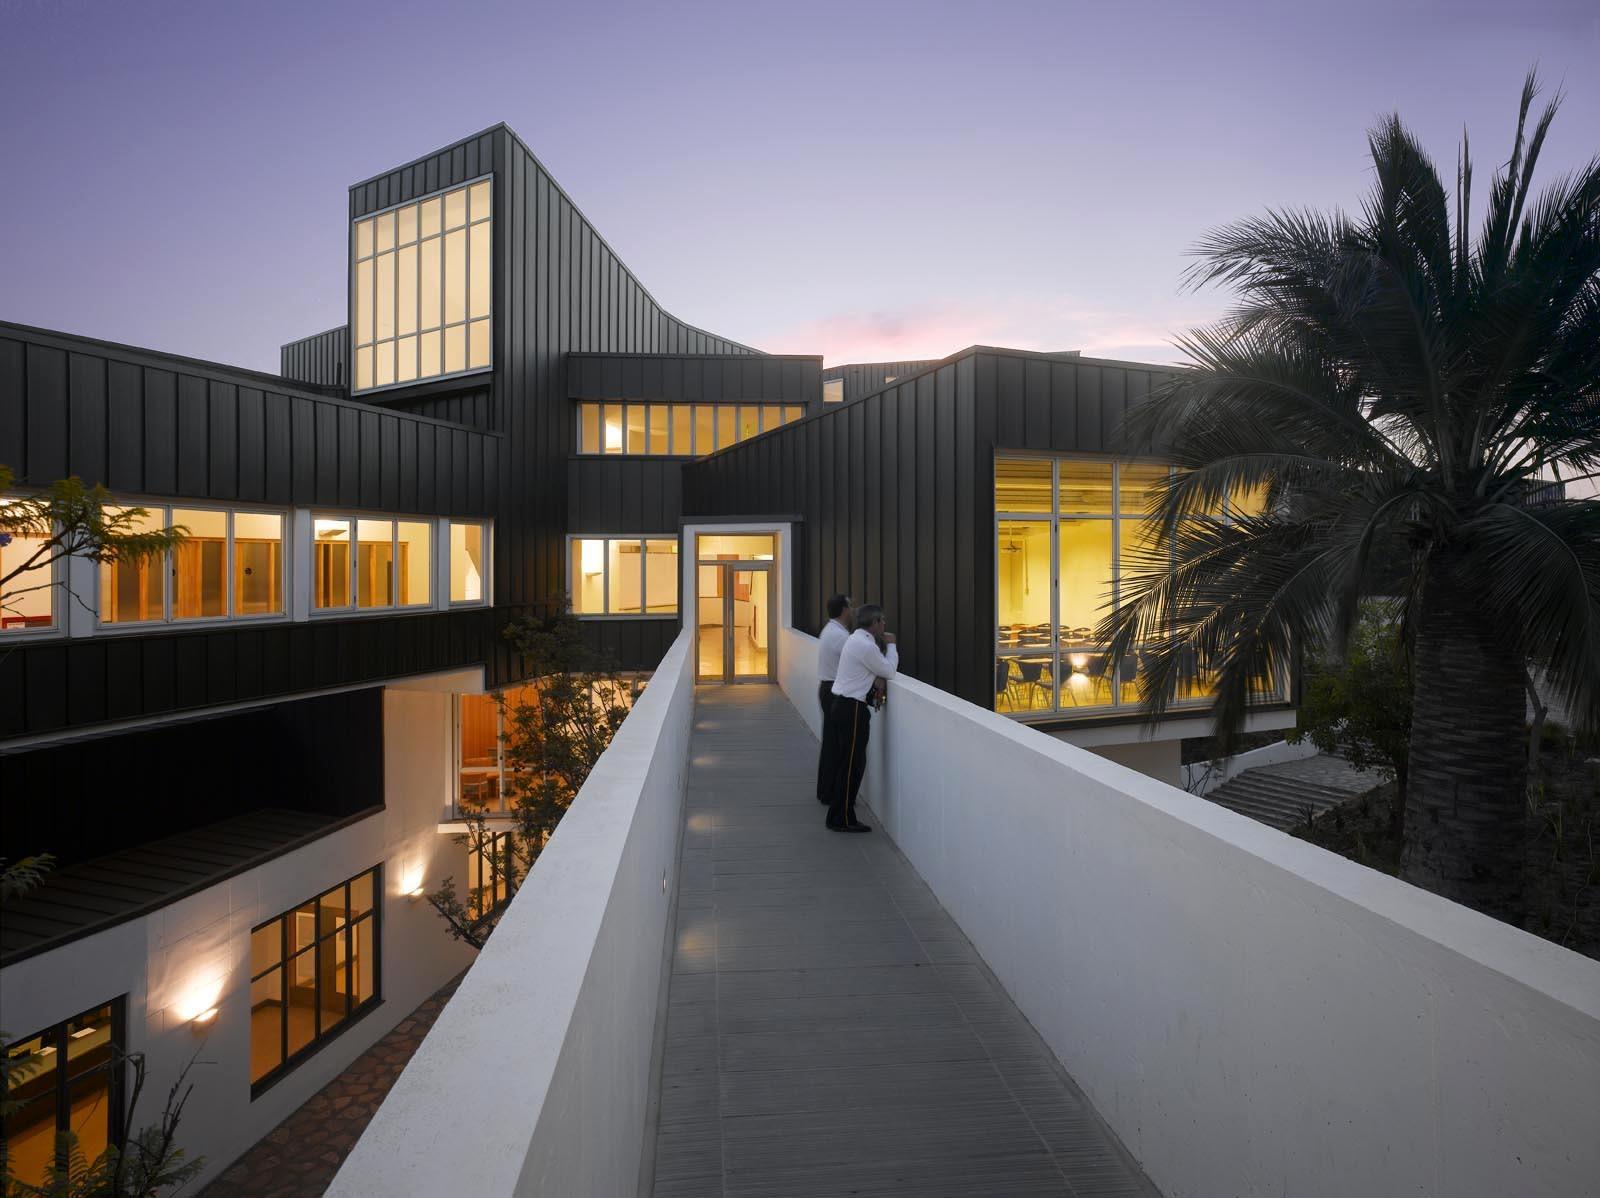 Revestimiento Metálico de la Universidad Adolfo Ibañez, por José Cruz Ovalle. Image © Roland Halbe